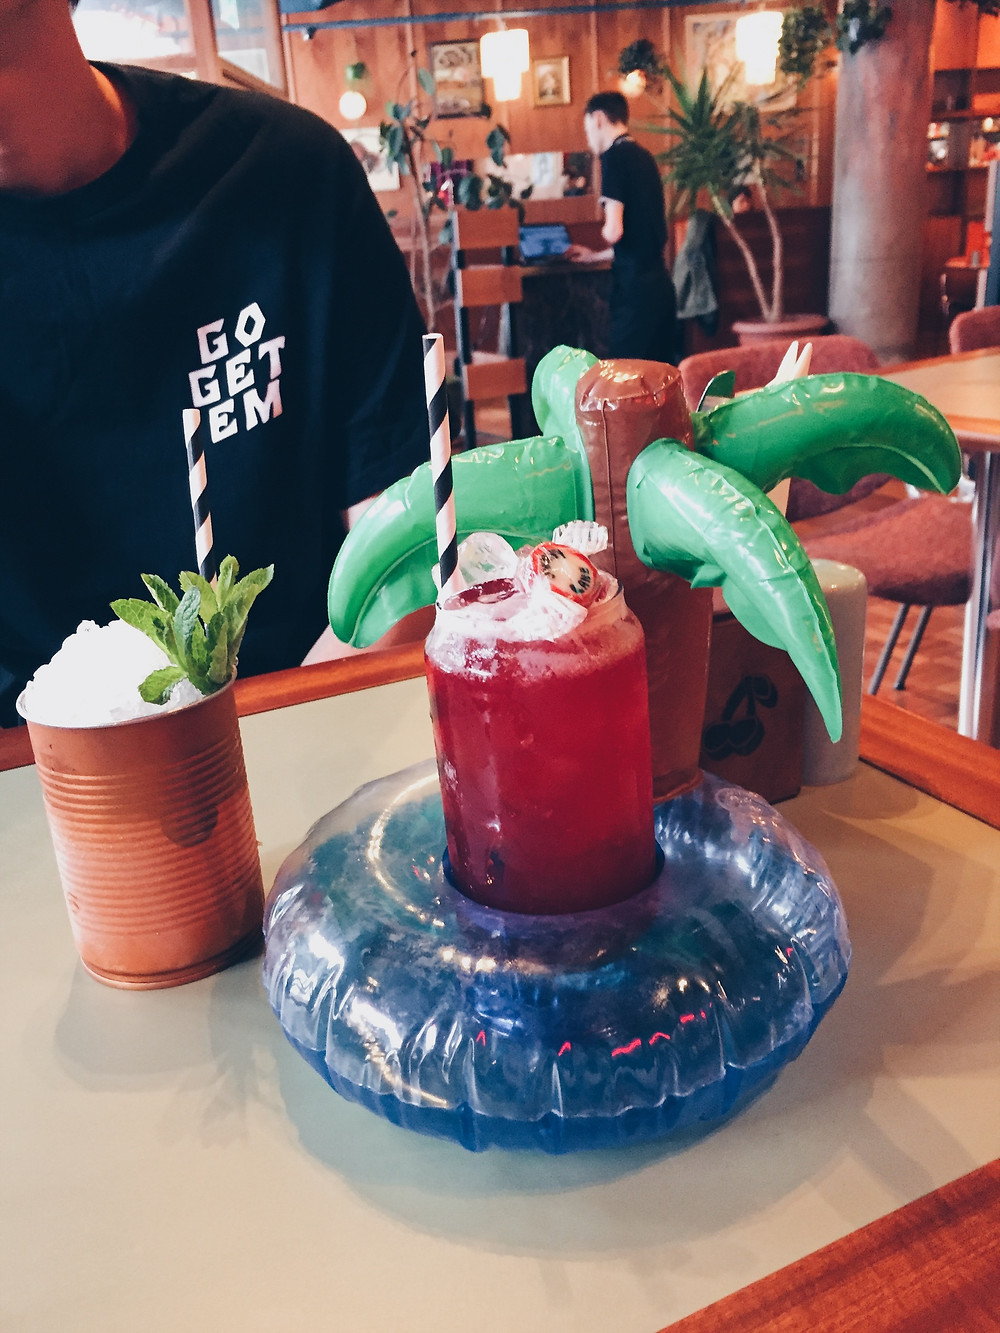 Cocktails at Penny Lane Nottingham